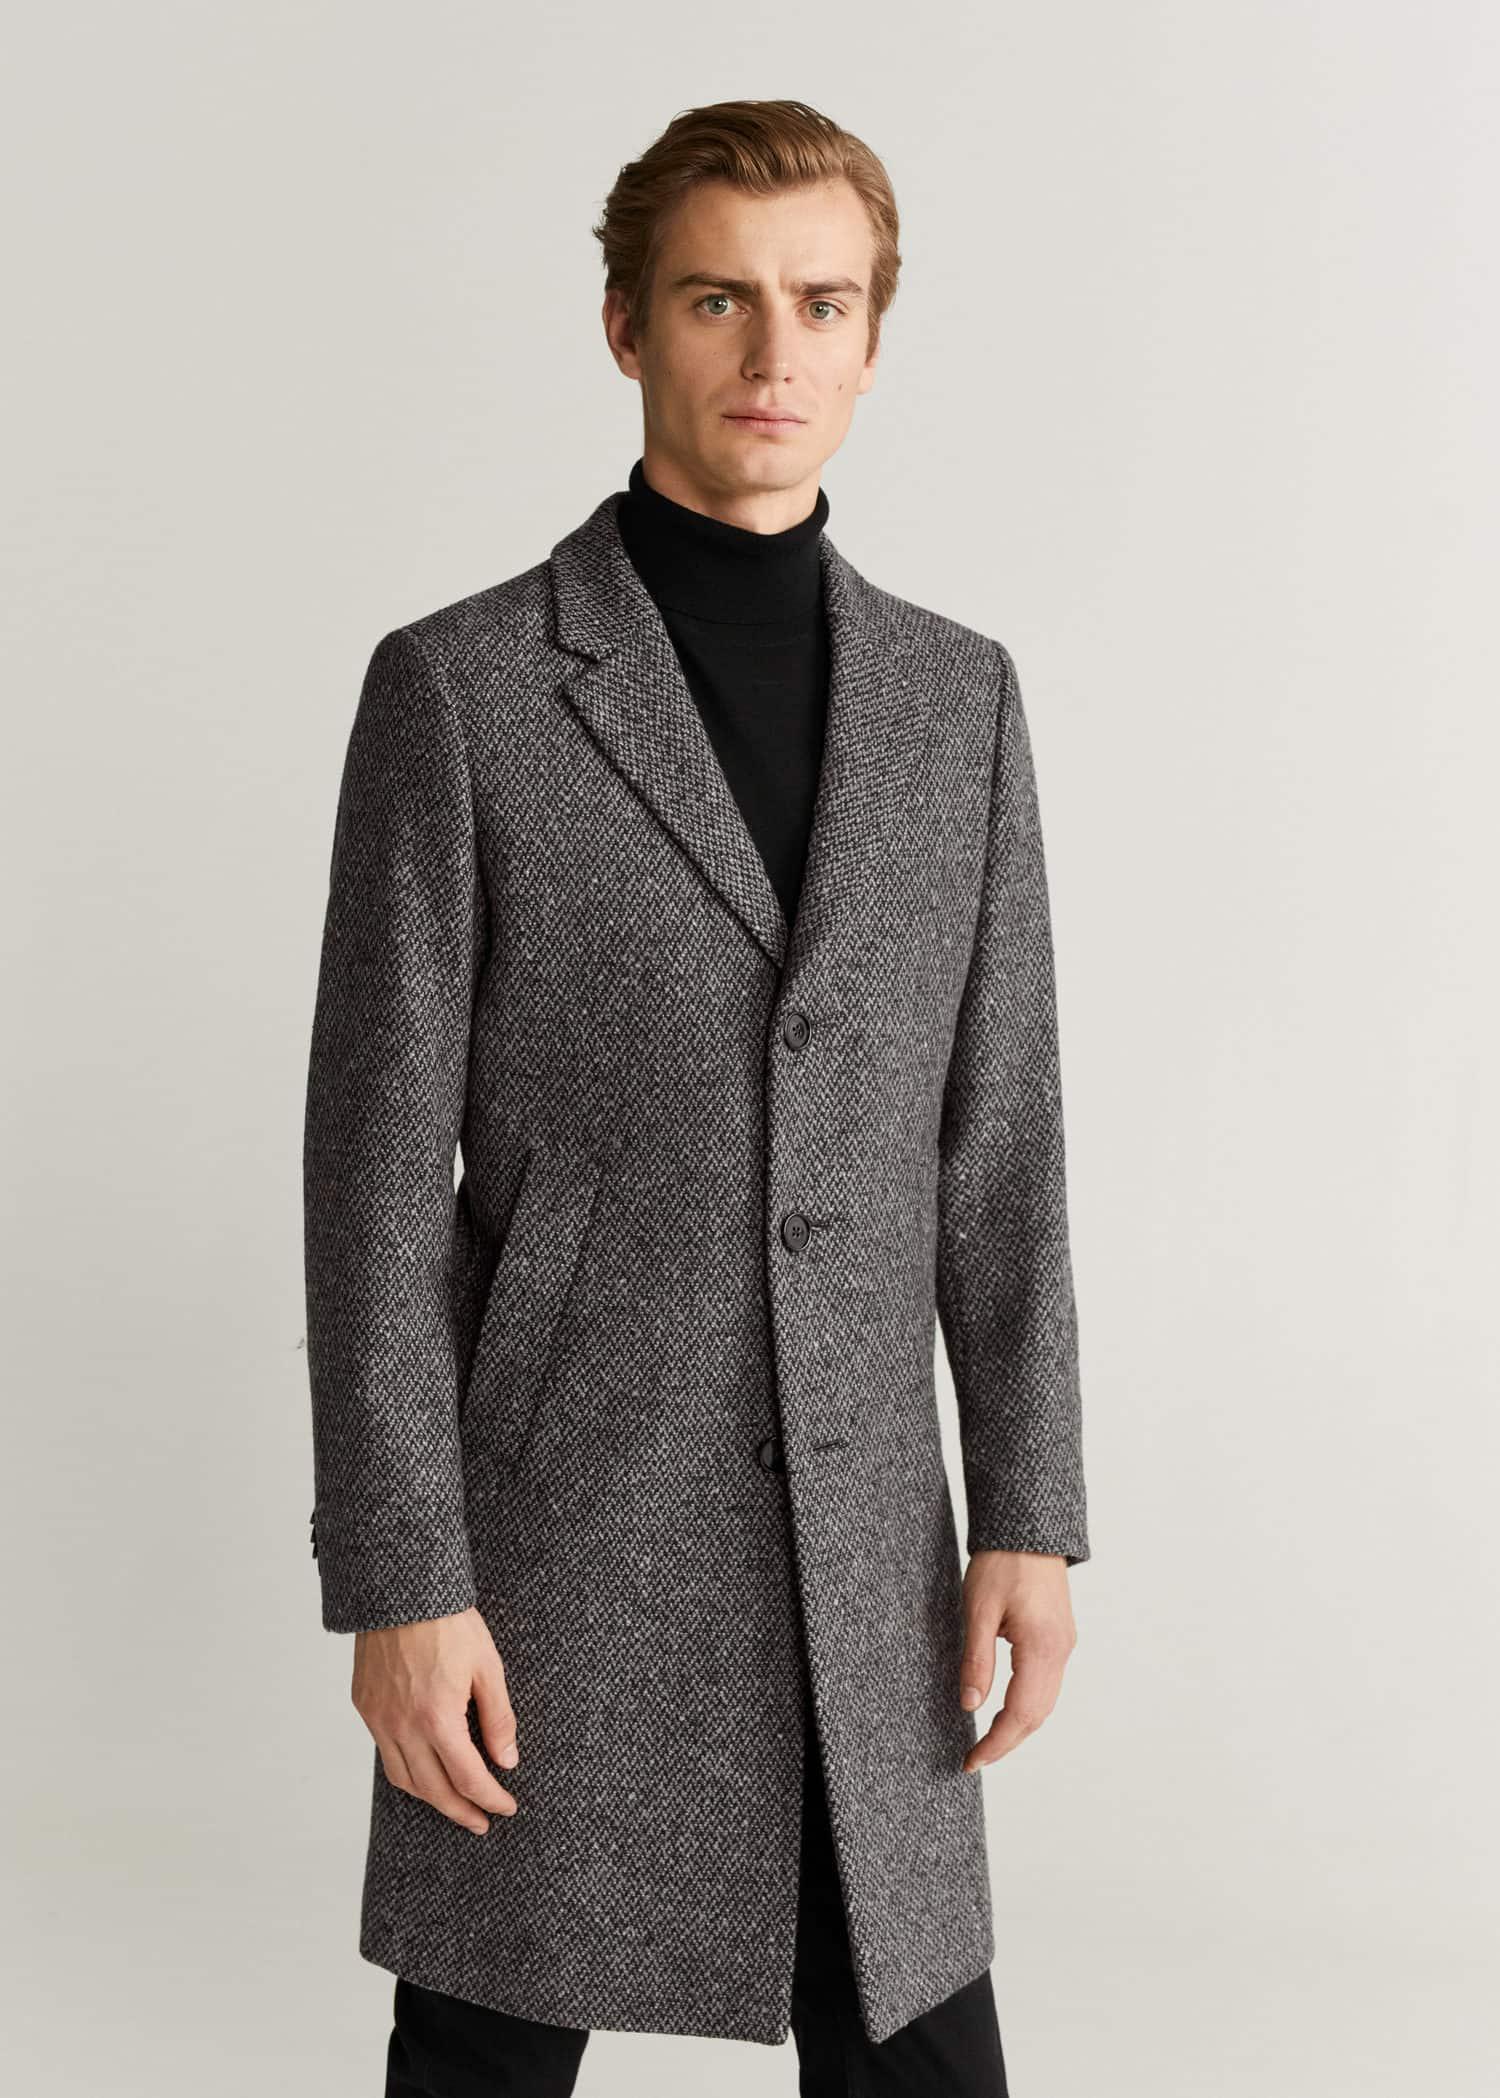 Sobretudo Tailored de lã